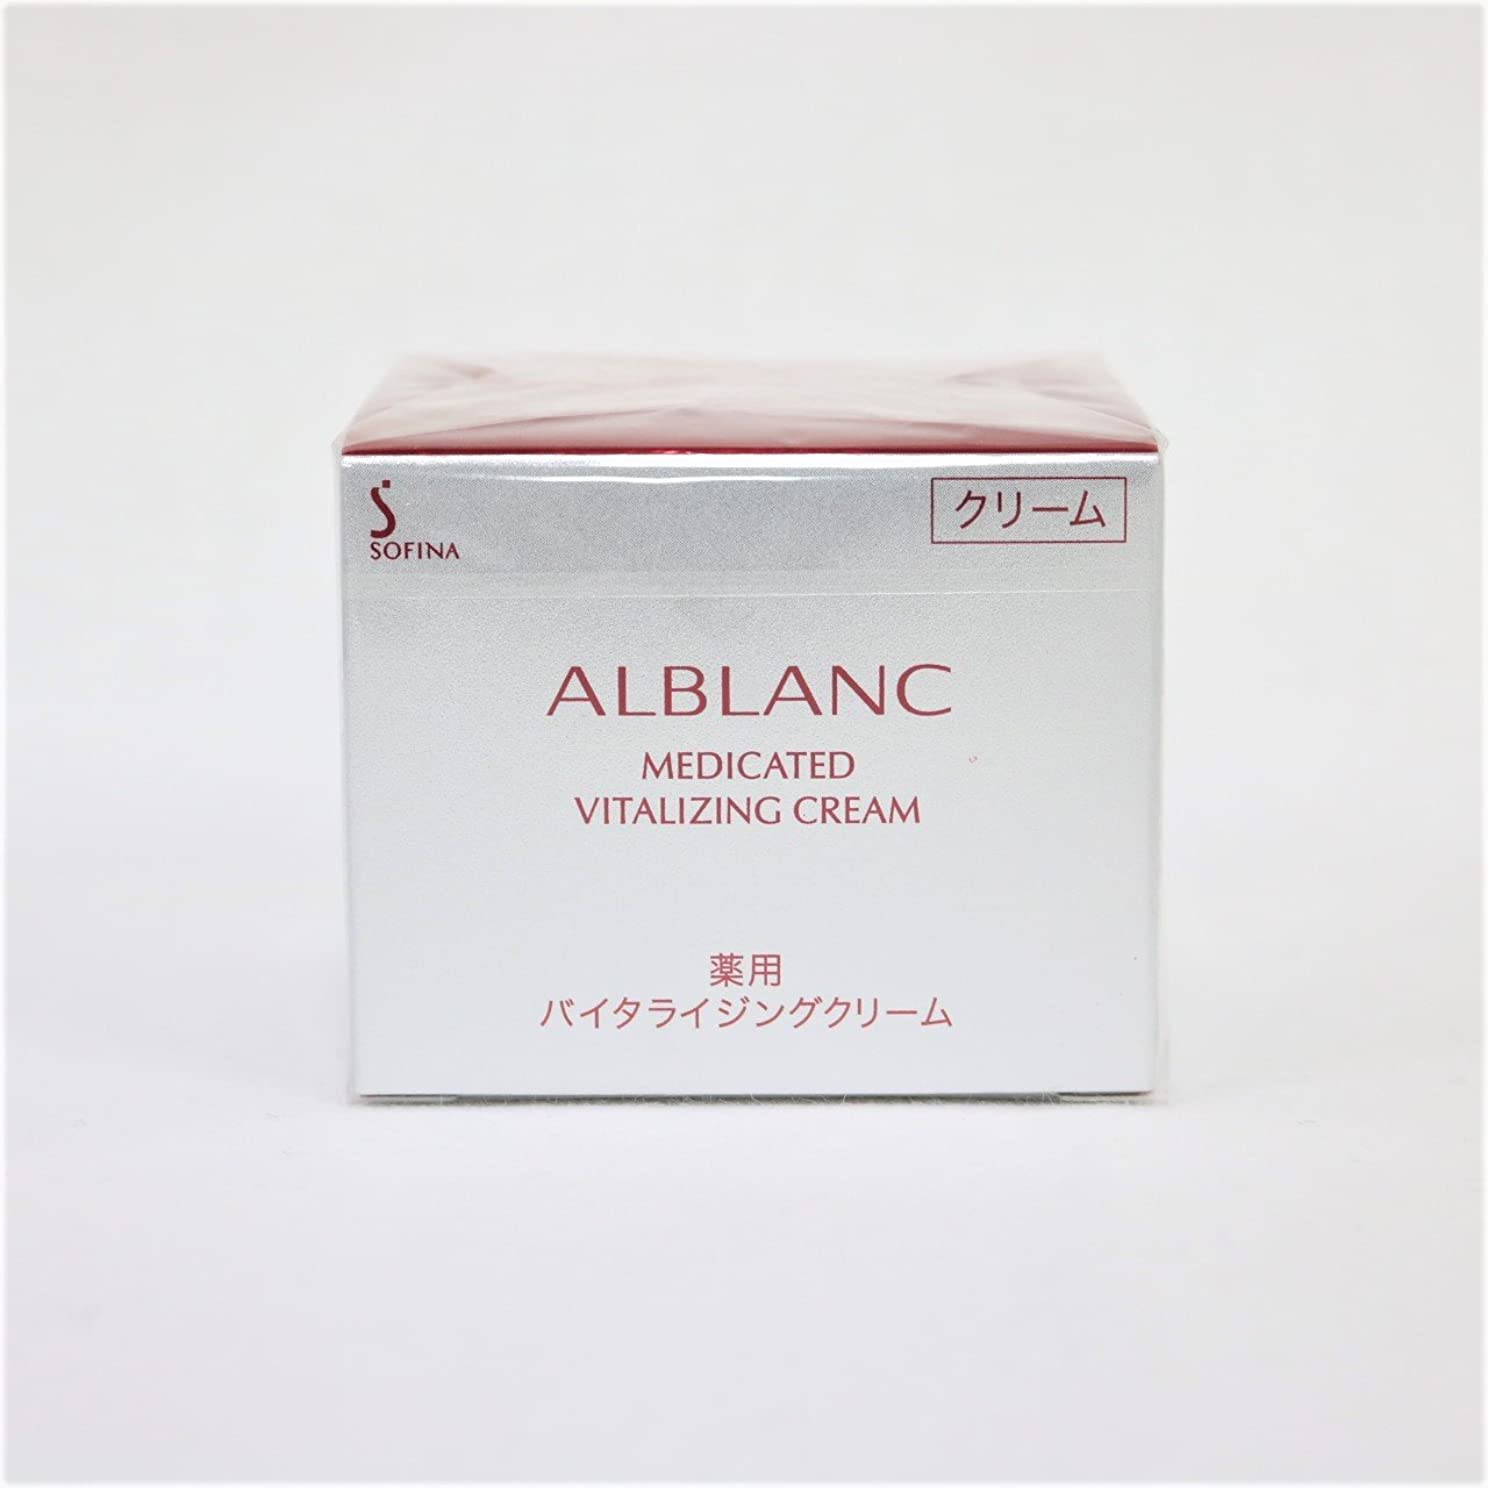 僕の織る人差し指ソフィーナ アルブラン 薬用バイタライジングクリーム 40g